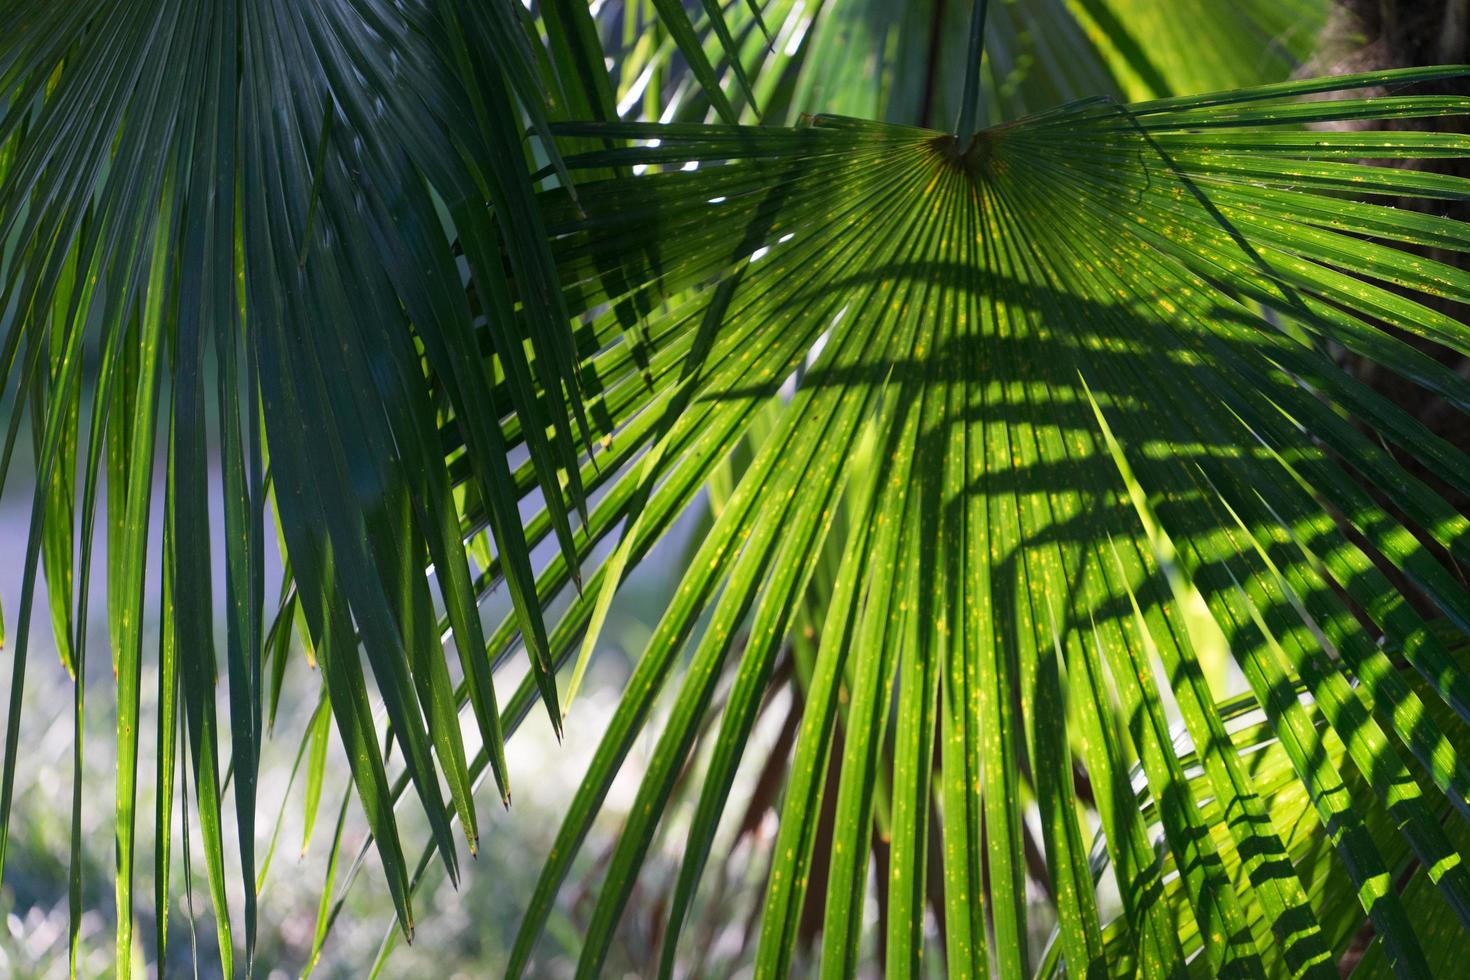 sfondo naturale con foglie di palma a ventaglio in una luminosa giornata estiva di sole foto